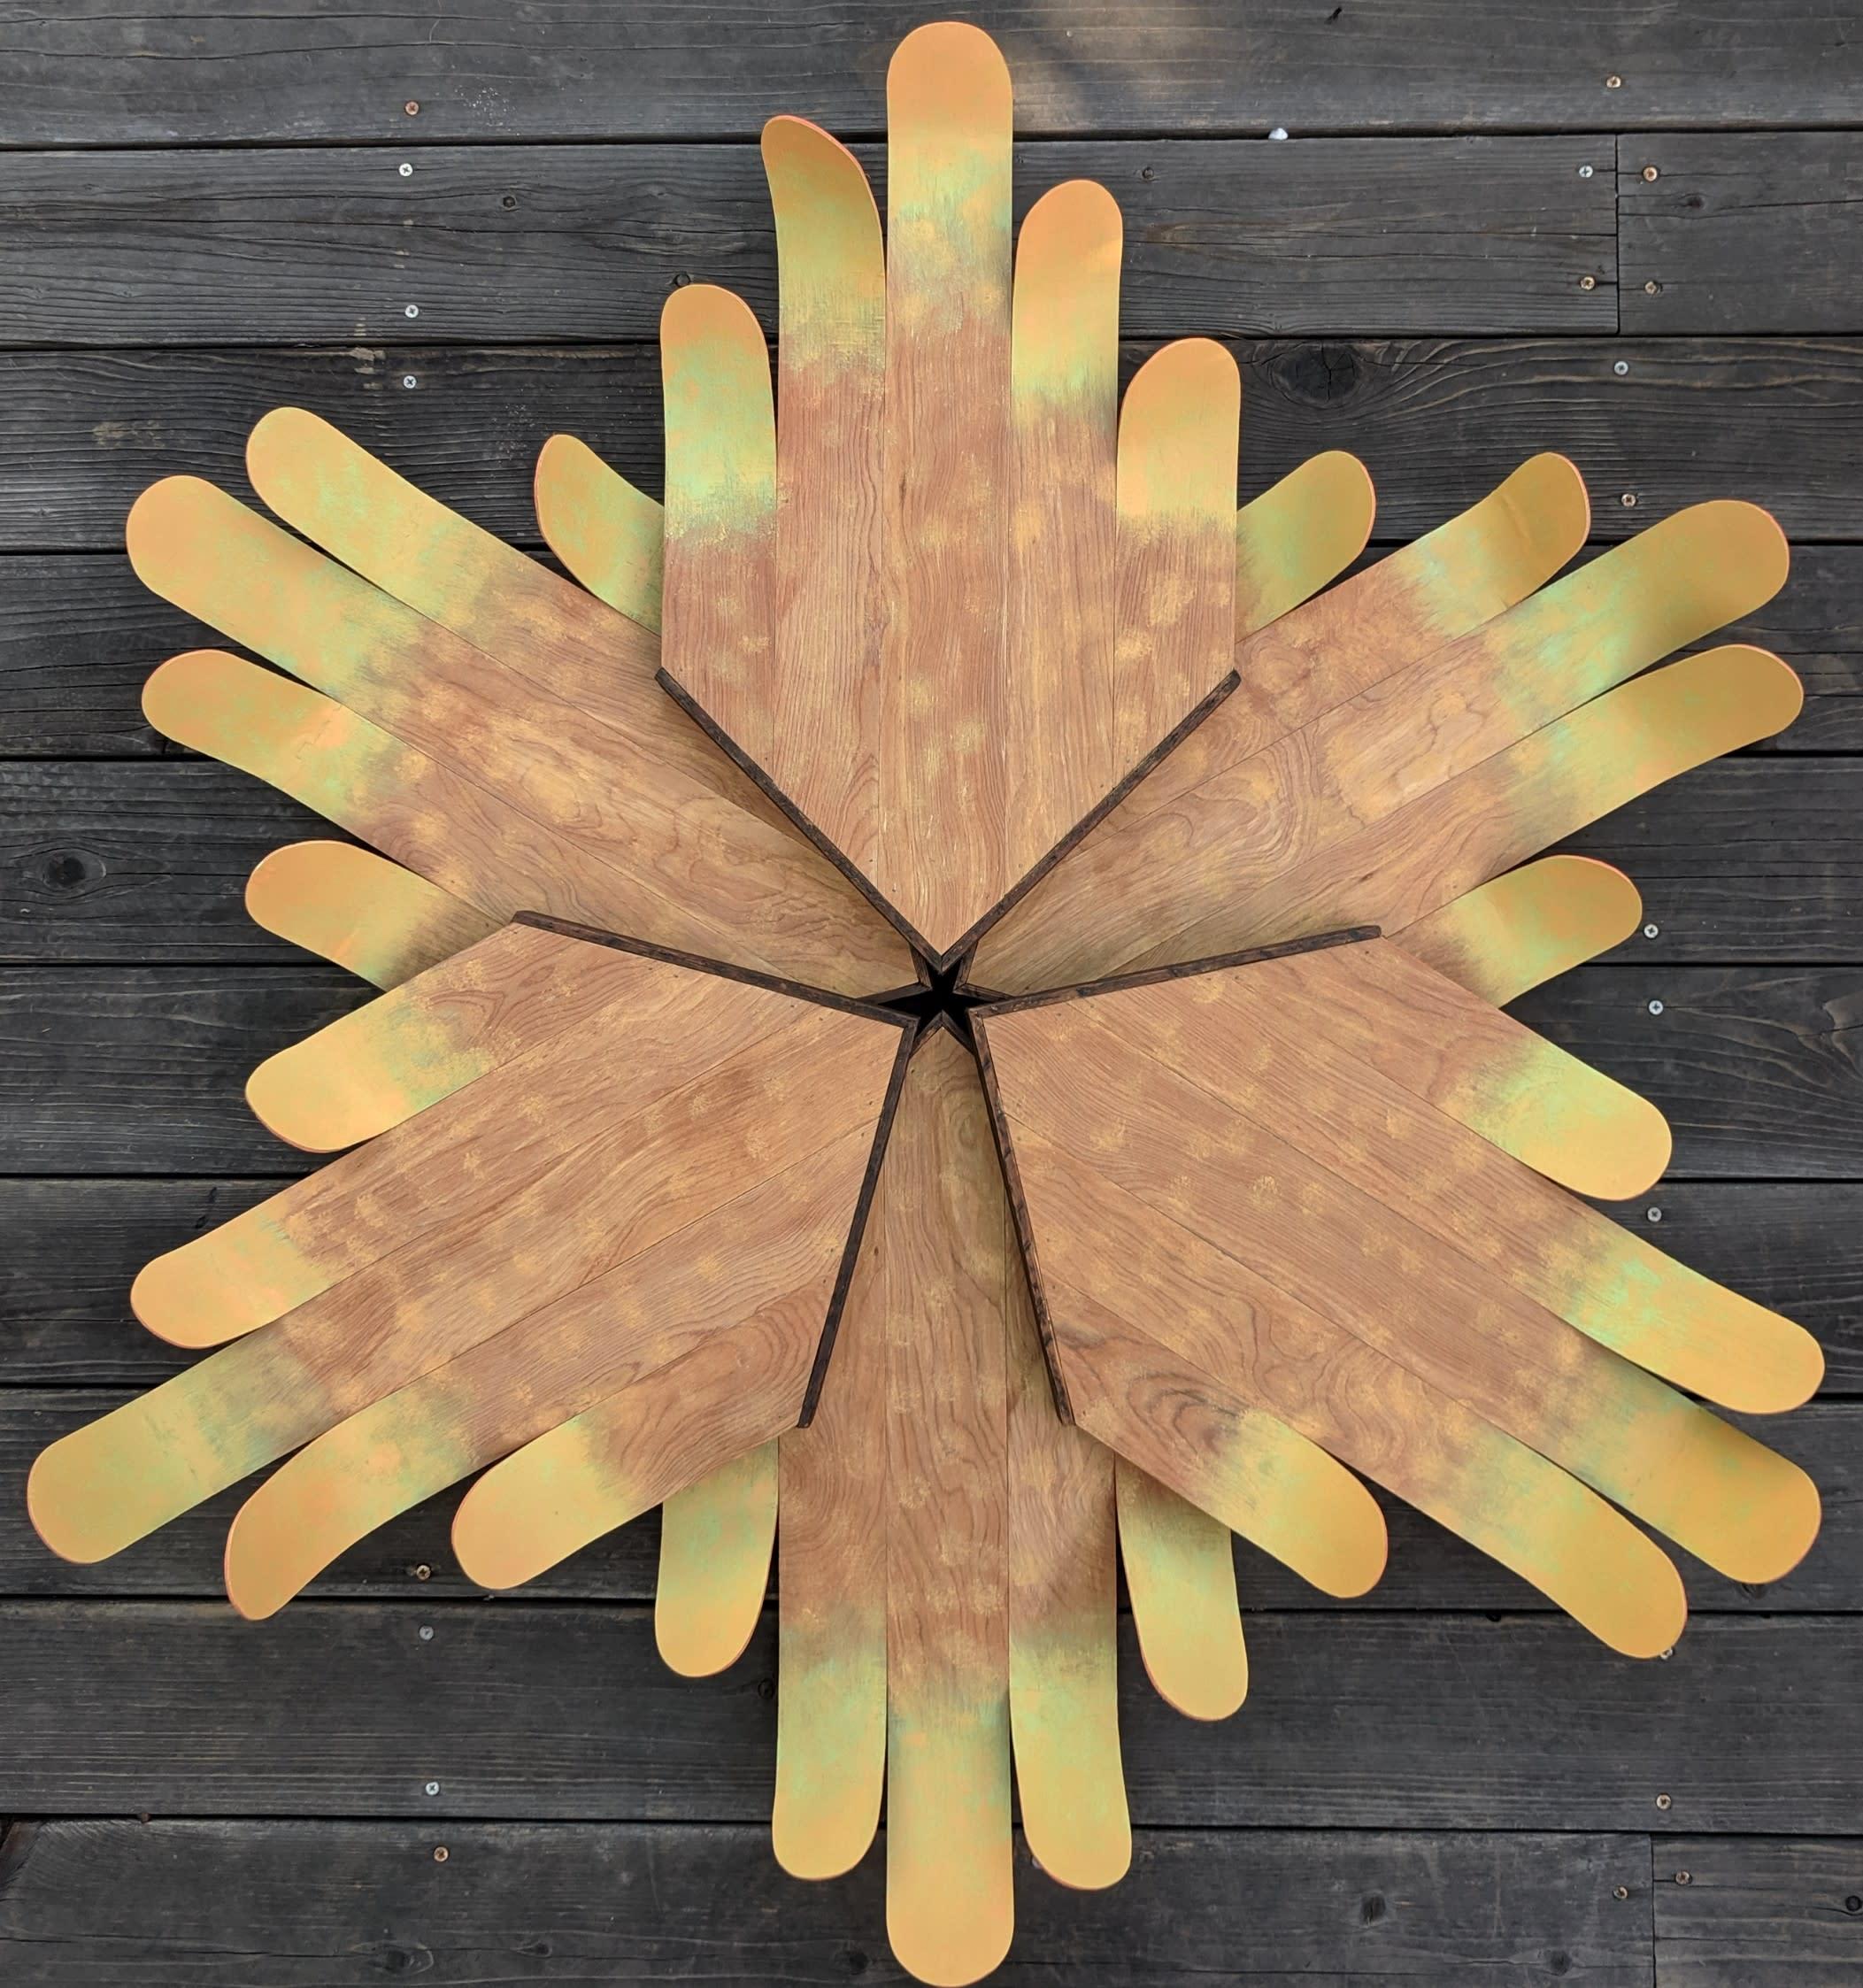 Hexagon hands ec8nk0